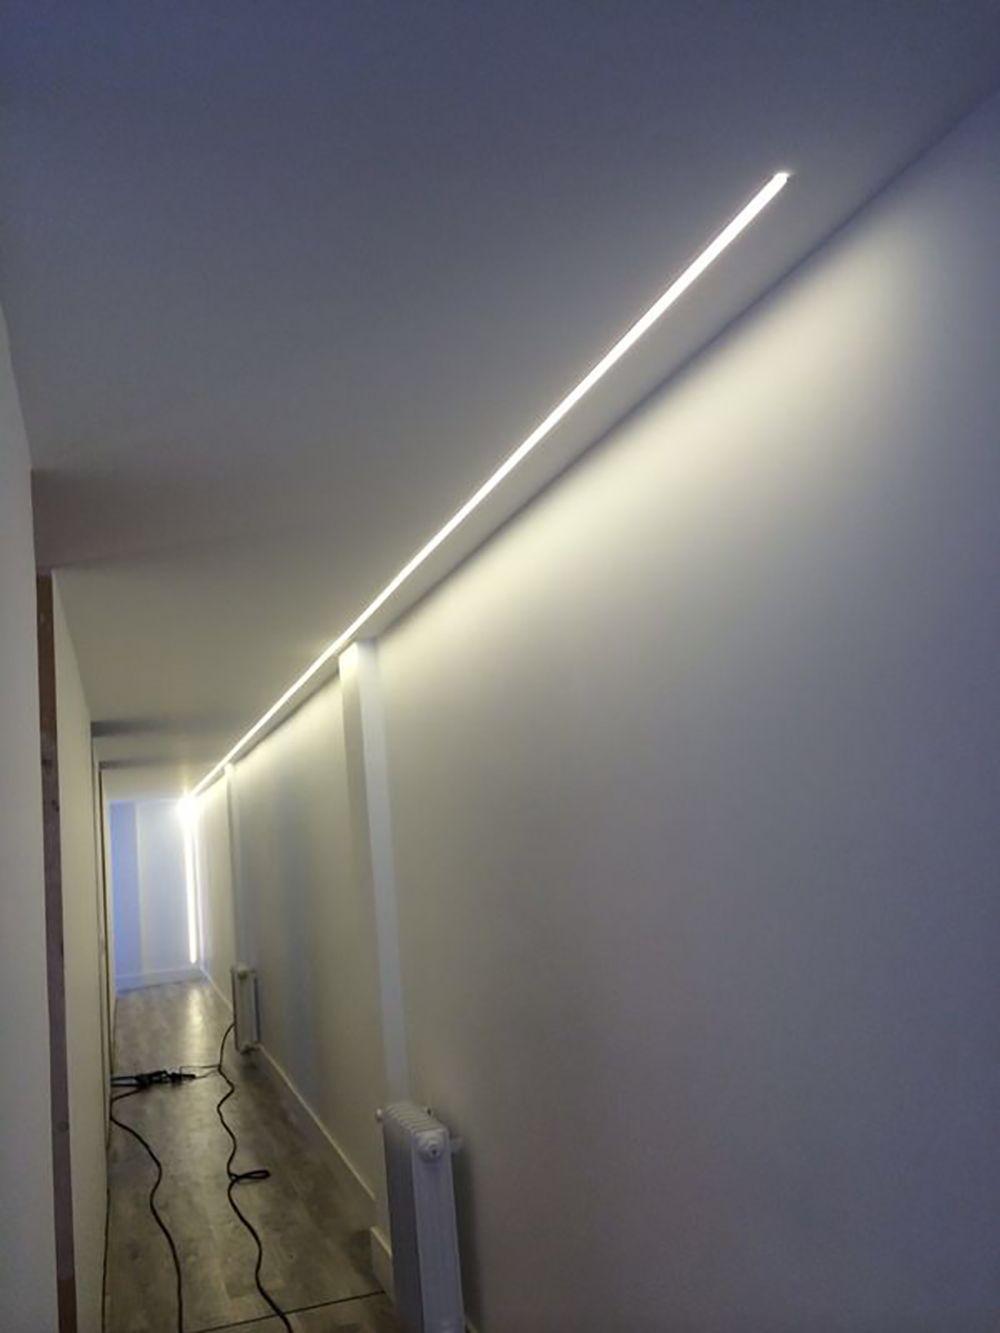 Ideas de decoracin e iluminacin con tiras de LEDs